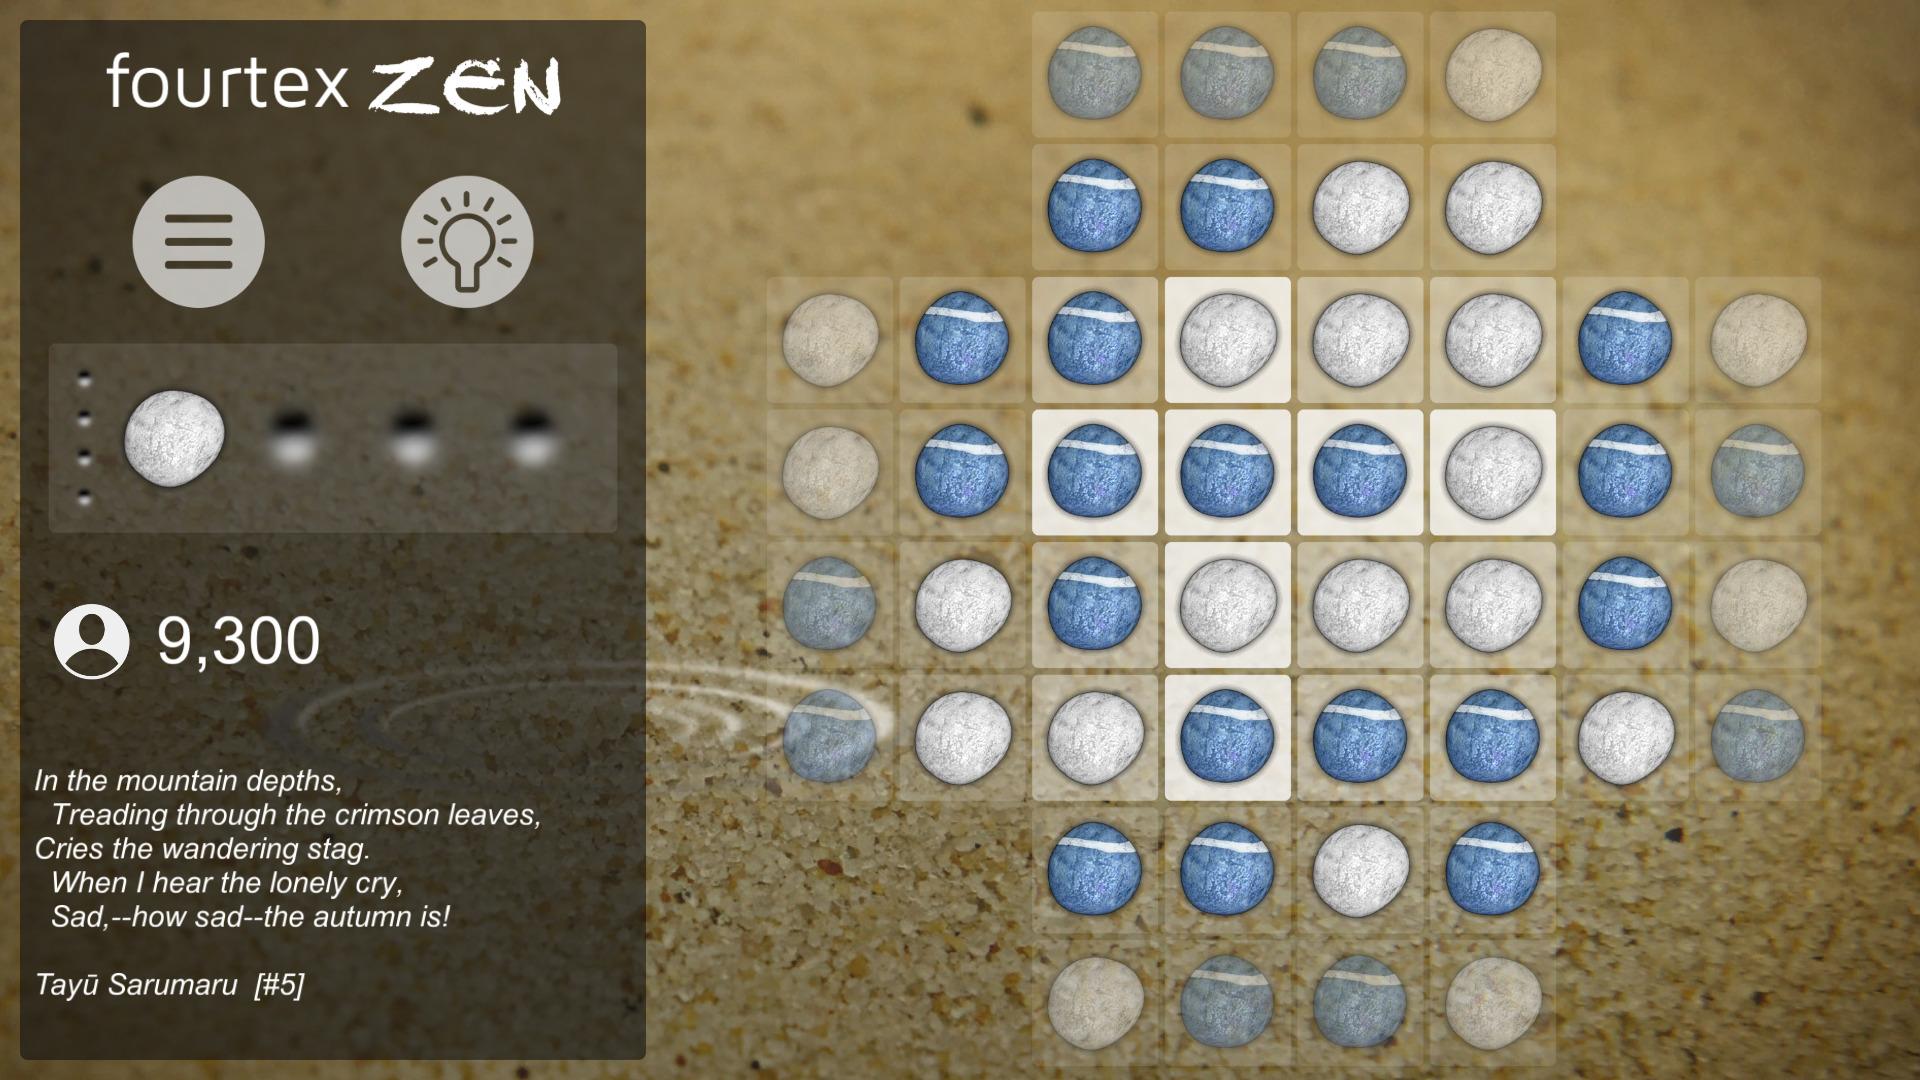 Fourtex Zen